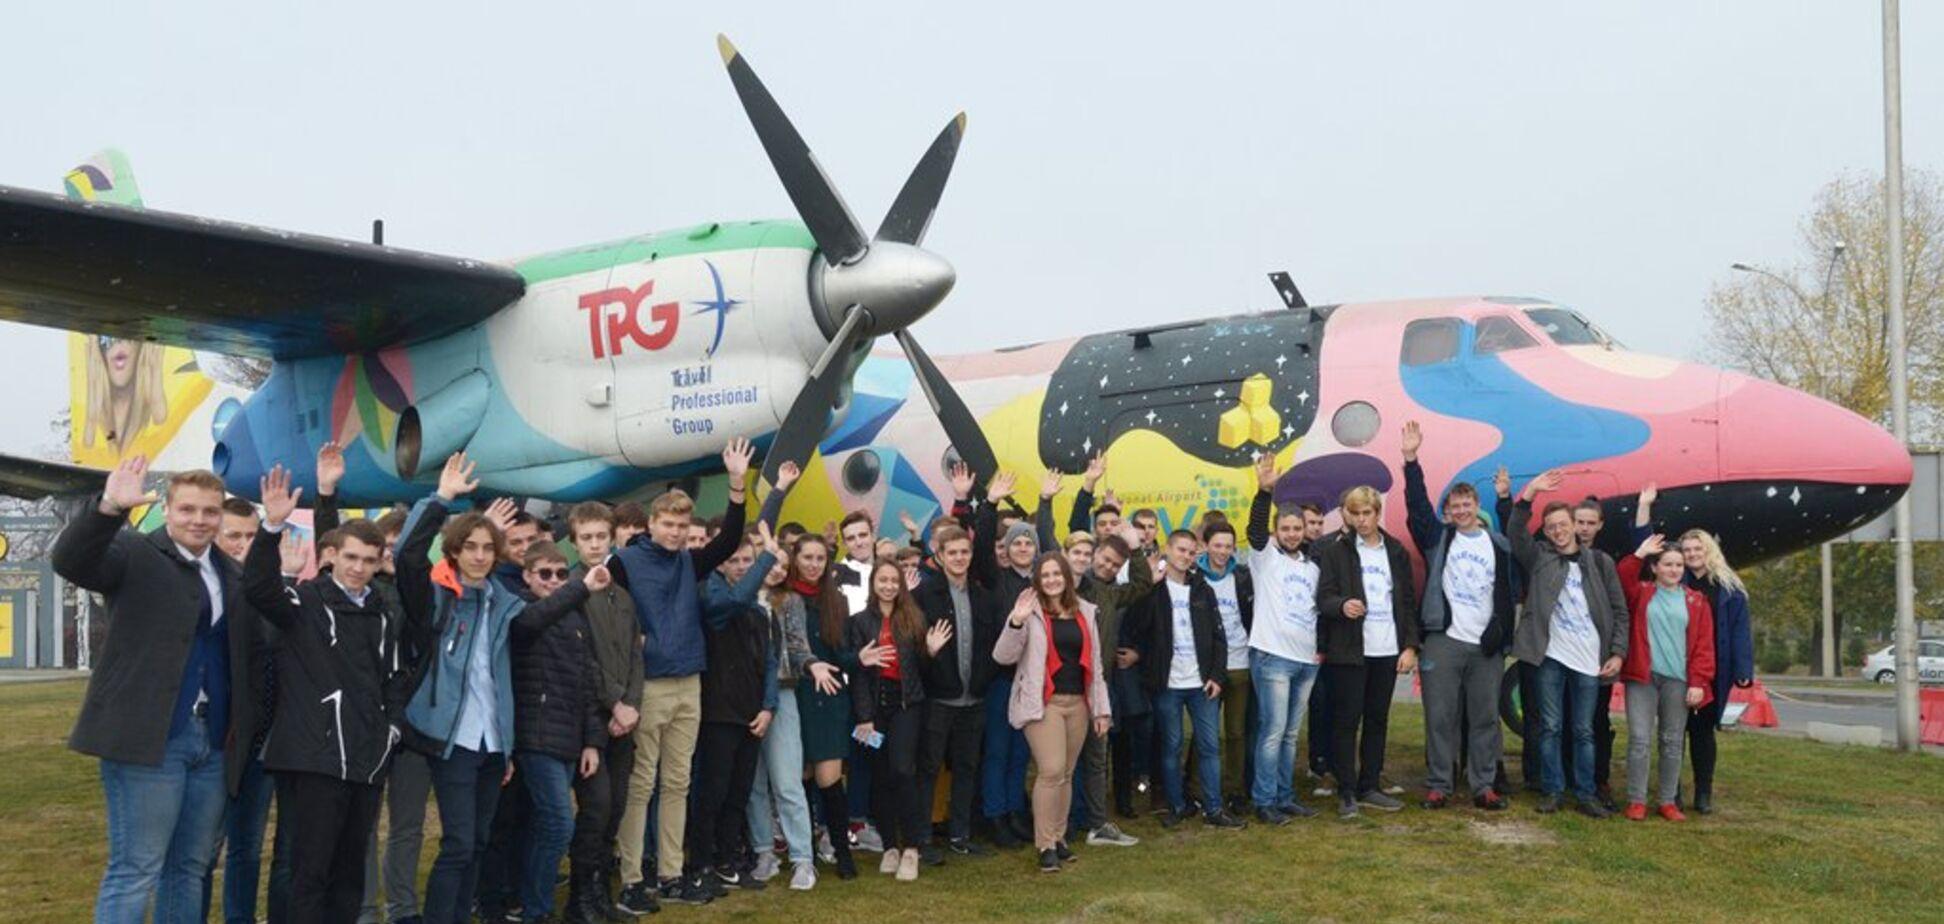 Відкрито всеукраїнський конкурс 'Авіатор 2020': переможці вирушать у Лондон